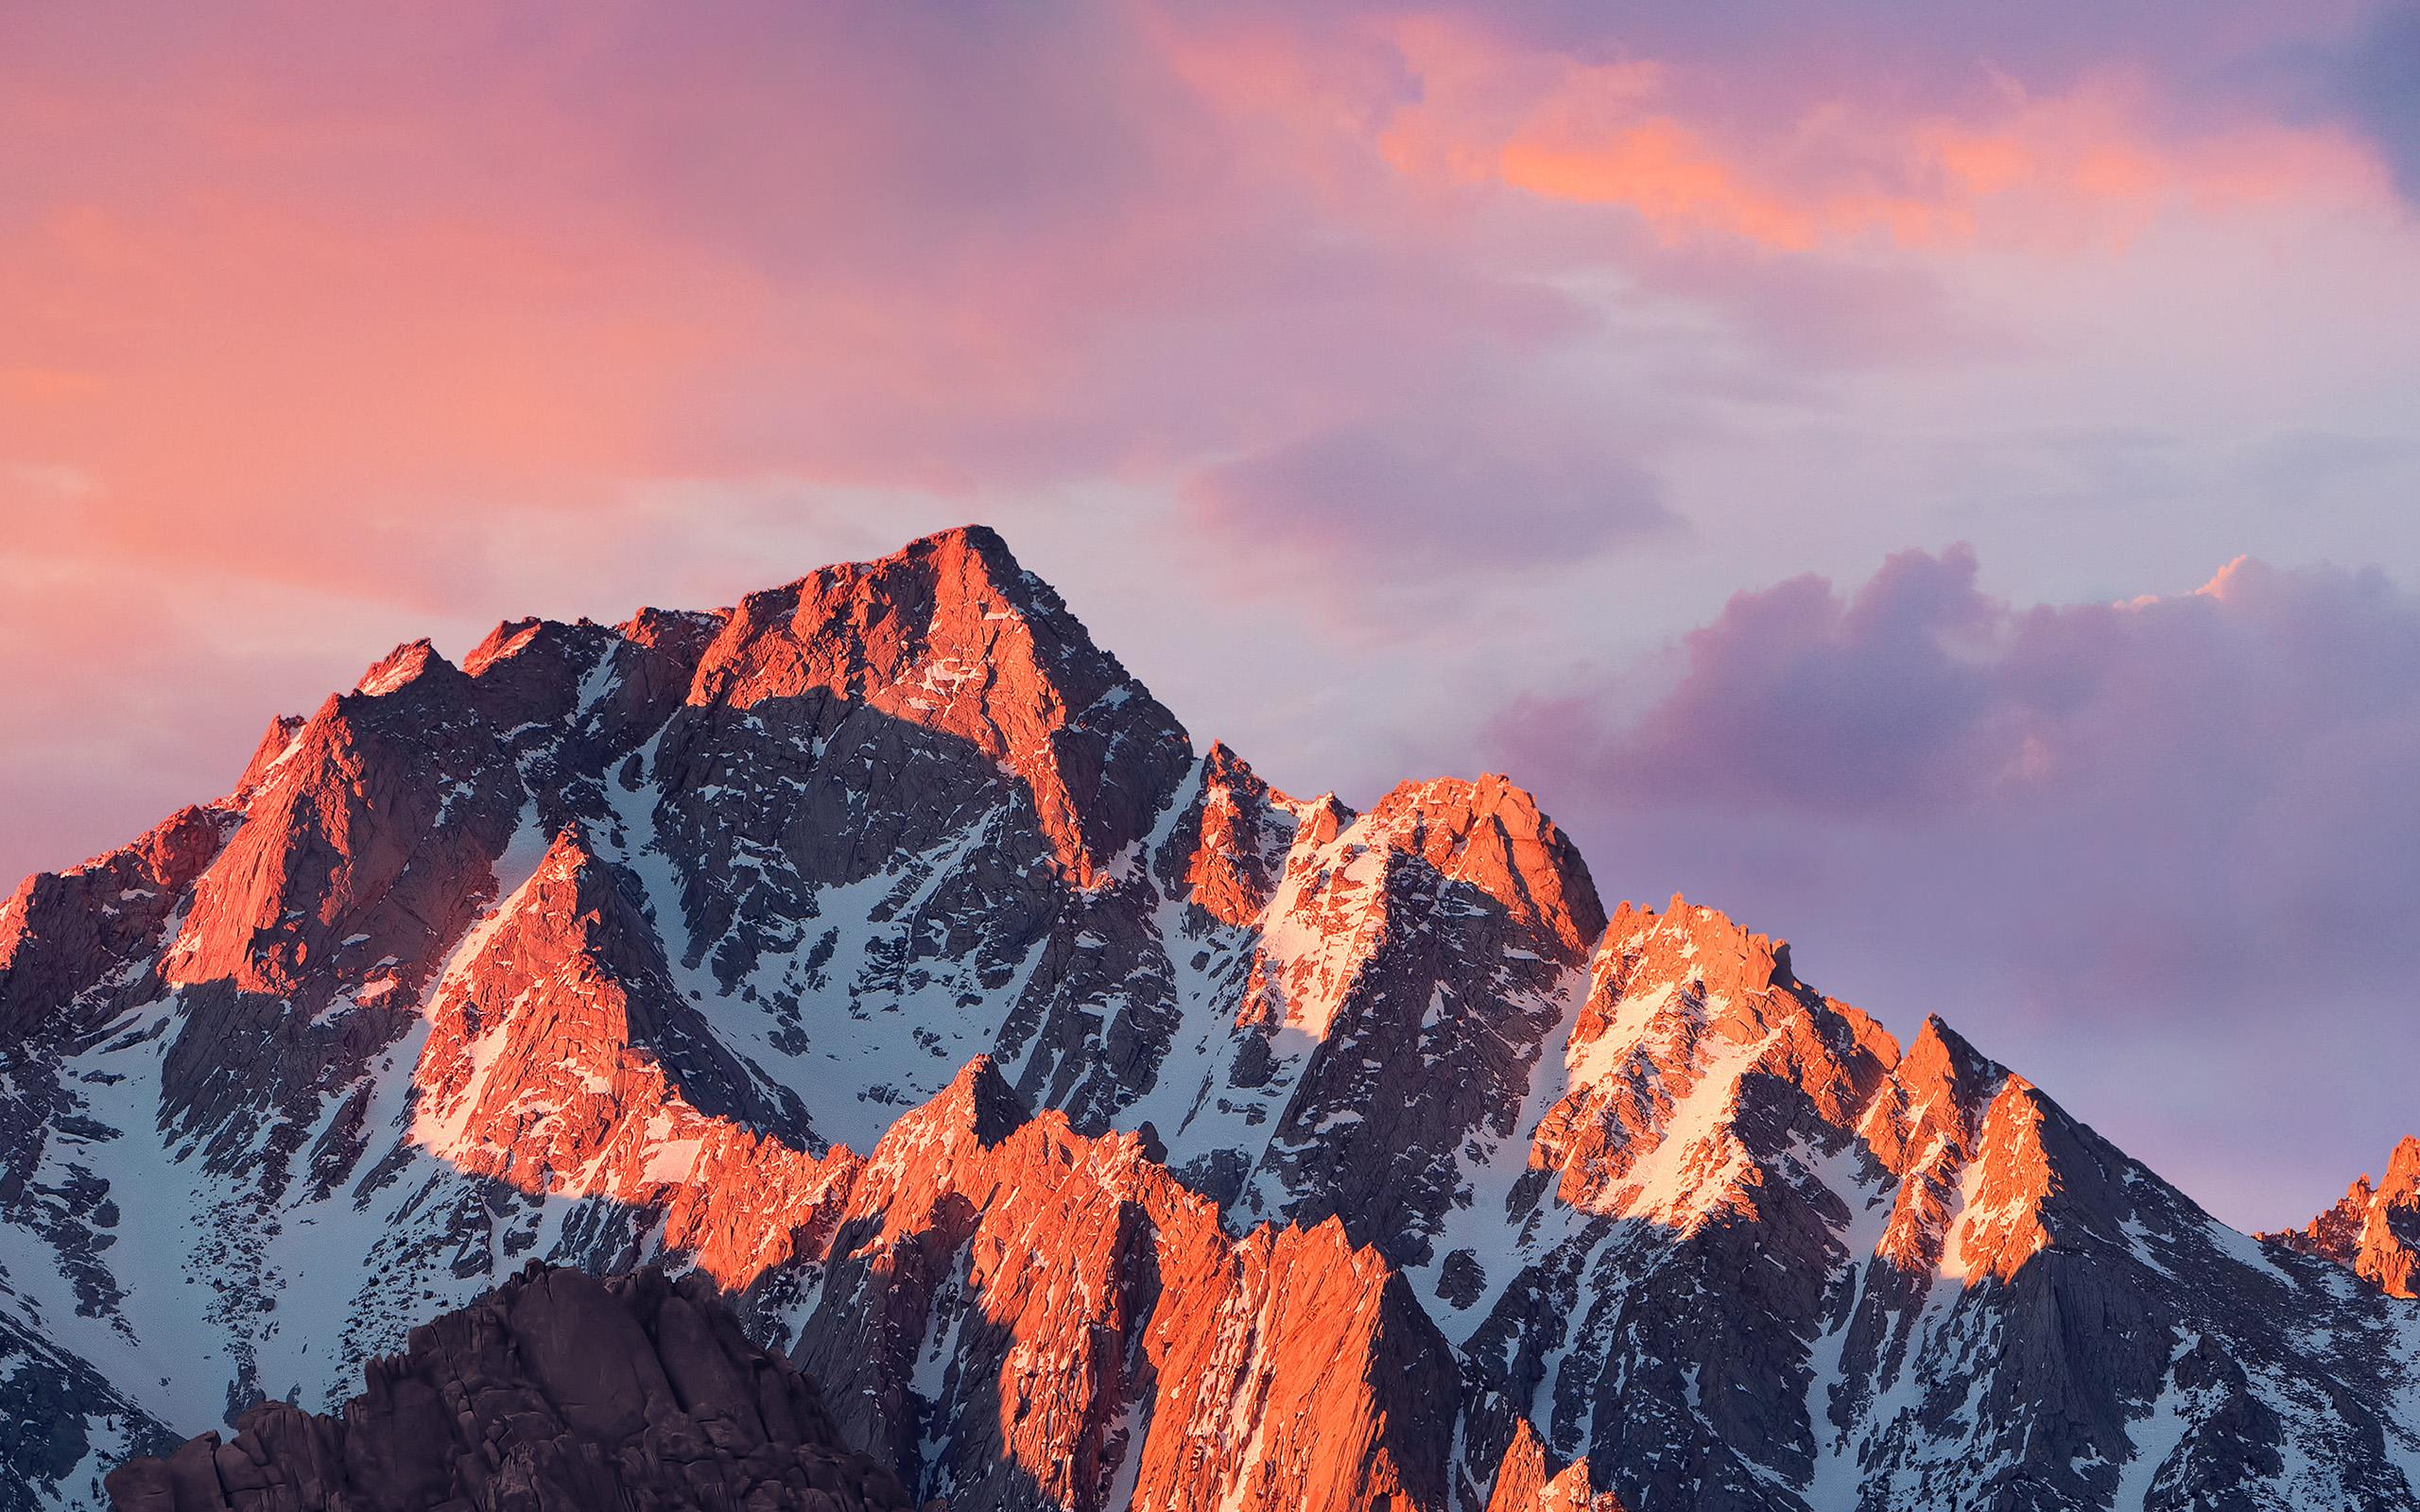 Ios 11 Wallpaper Hd Iphone X Ar67 4k Sierra Apple Wallpaper Art Mountain Sunset Wallpaper